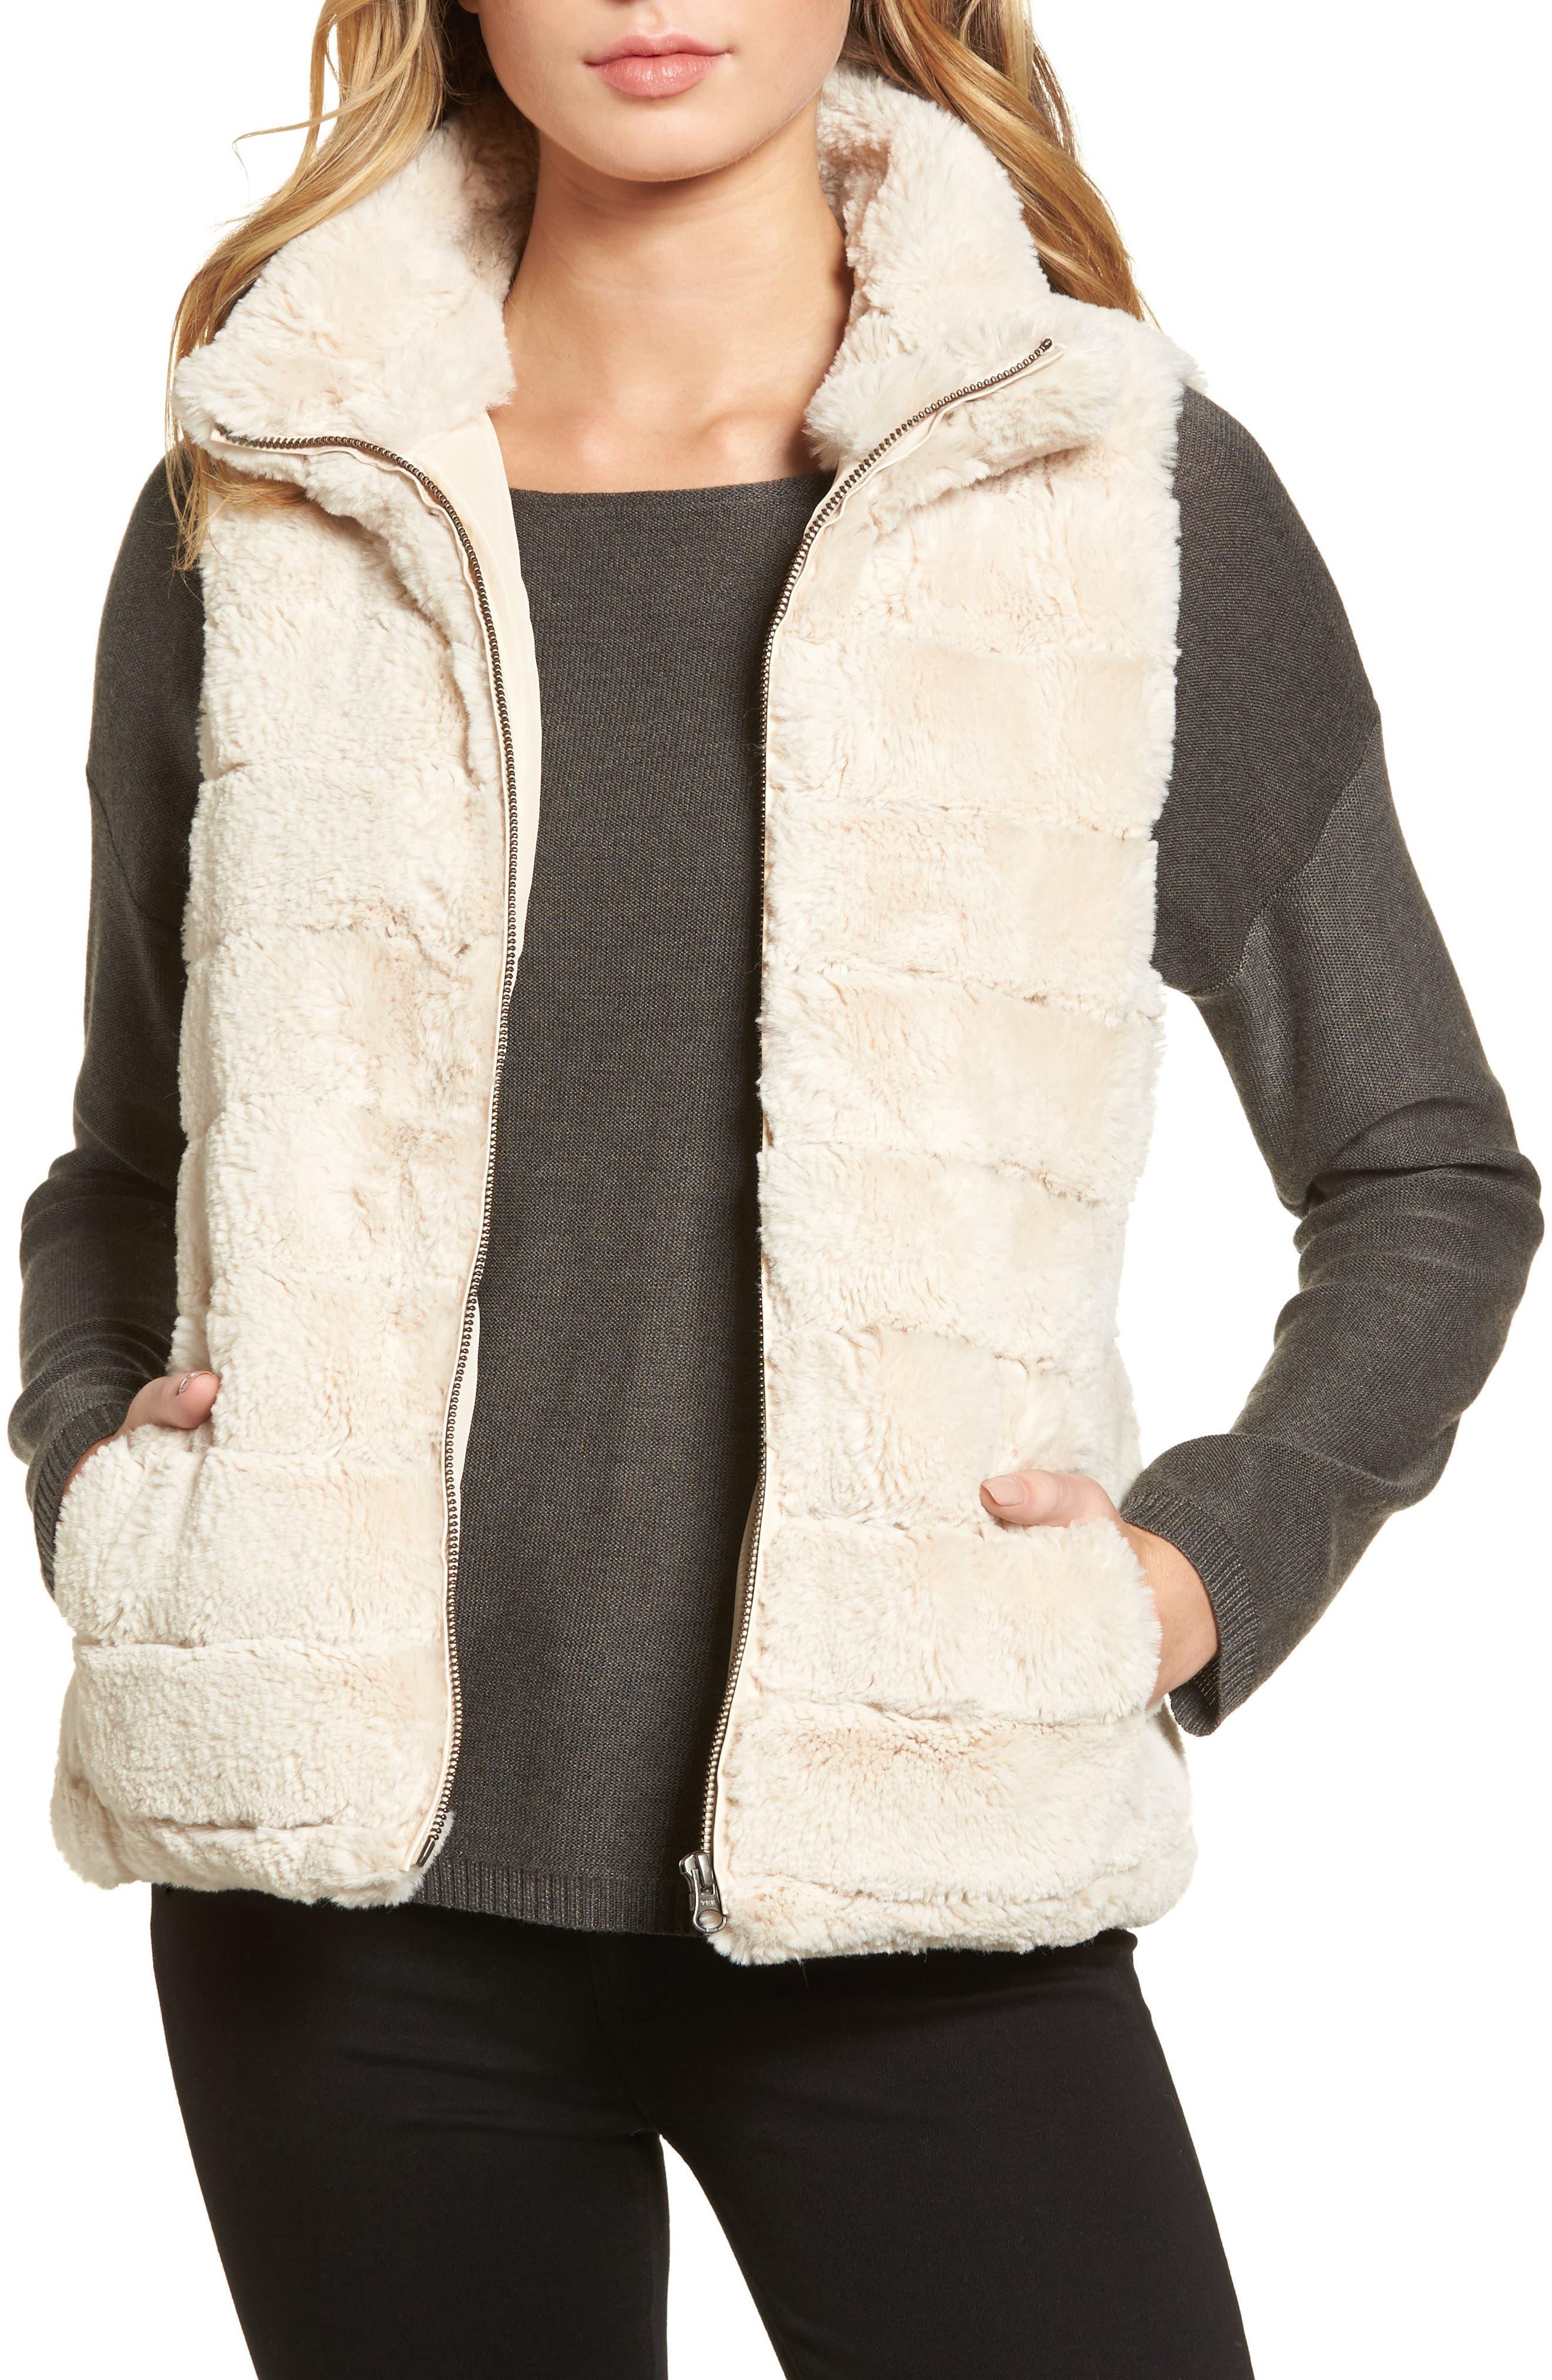 Main Image - Dylan Love Faux Fur Vest